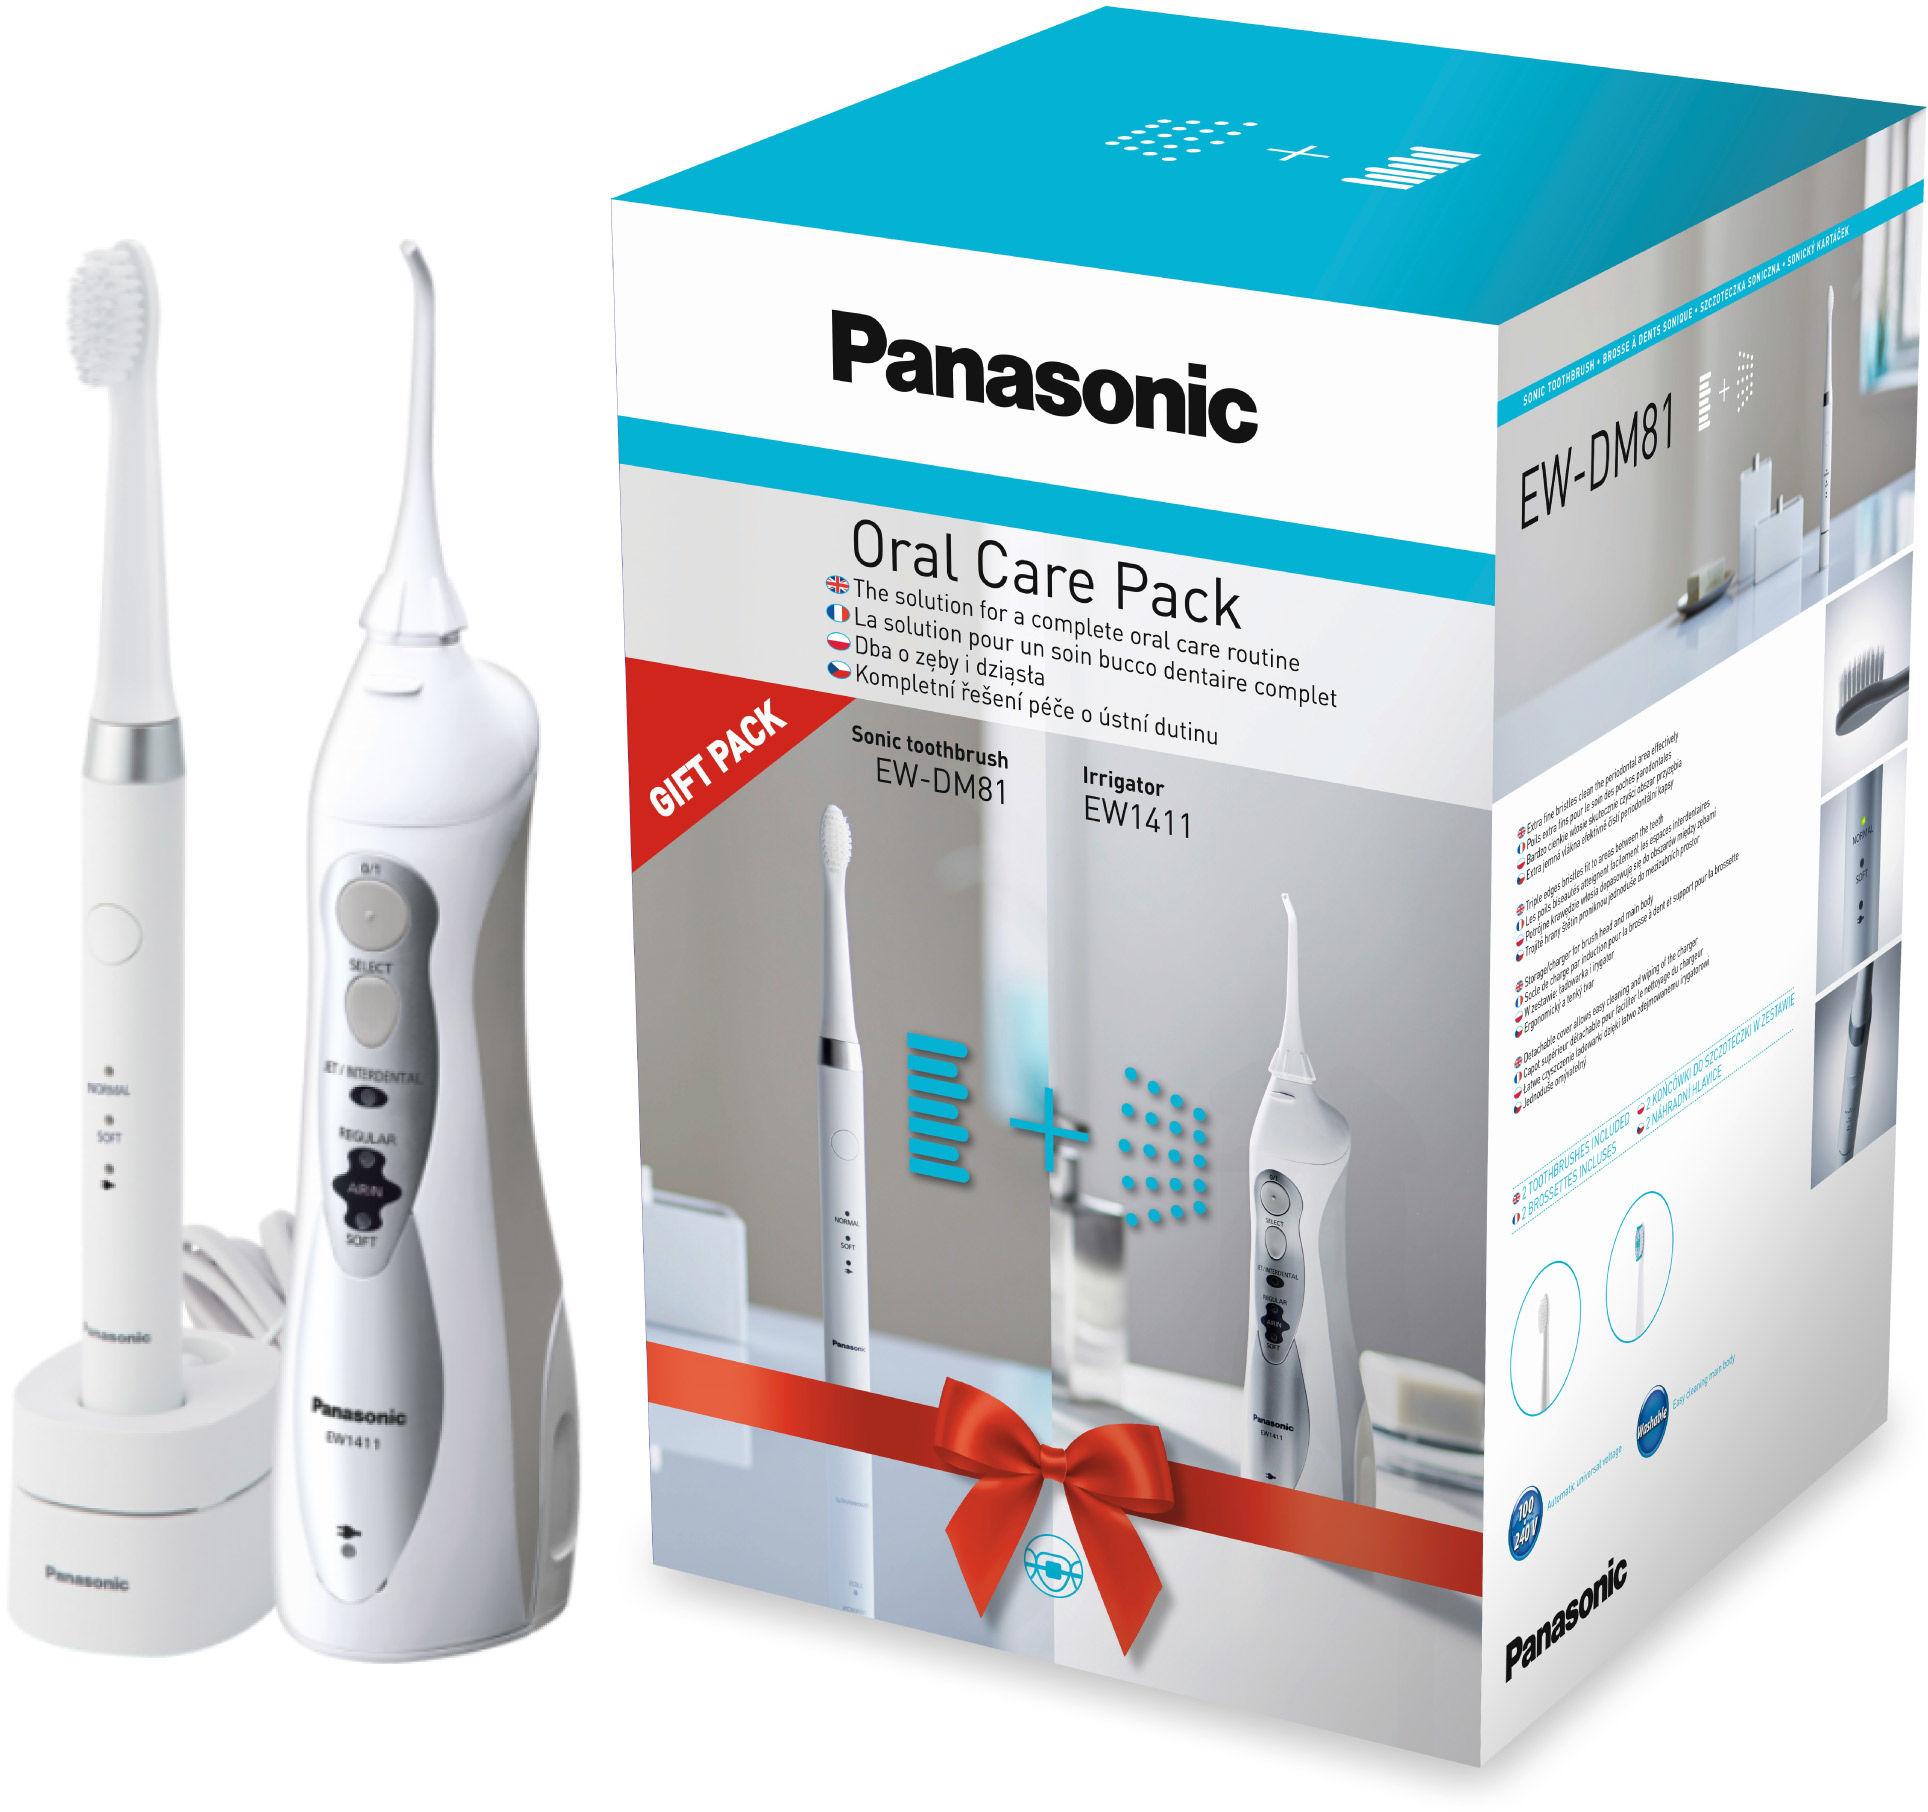 Zestaw Panasonic DM81 + EW1411 Zestaw Szczoteczka Soniczna + Irygator